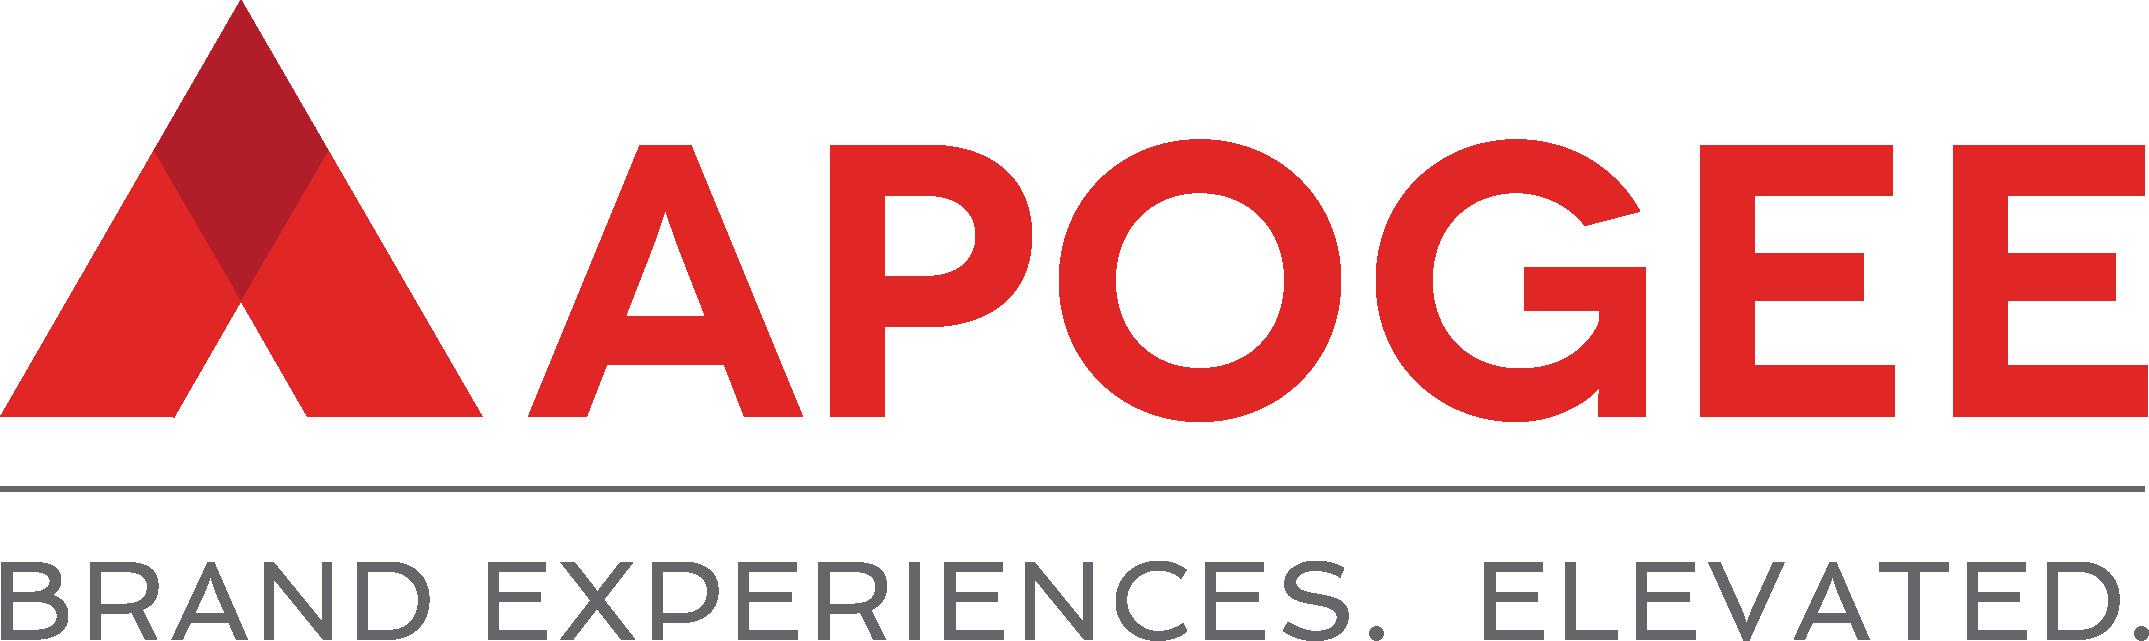 Apogee Exhibits logo